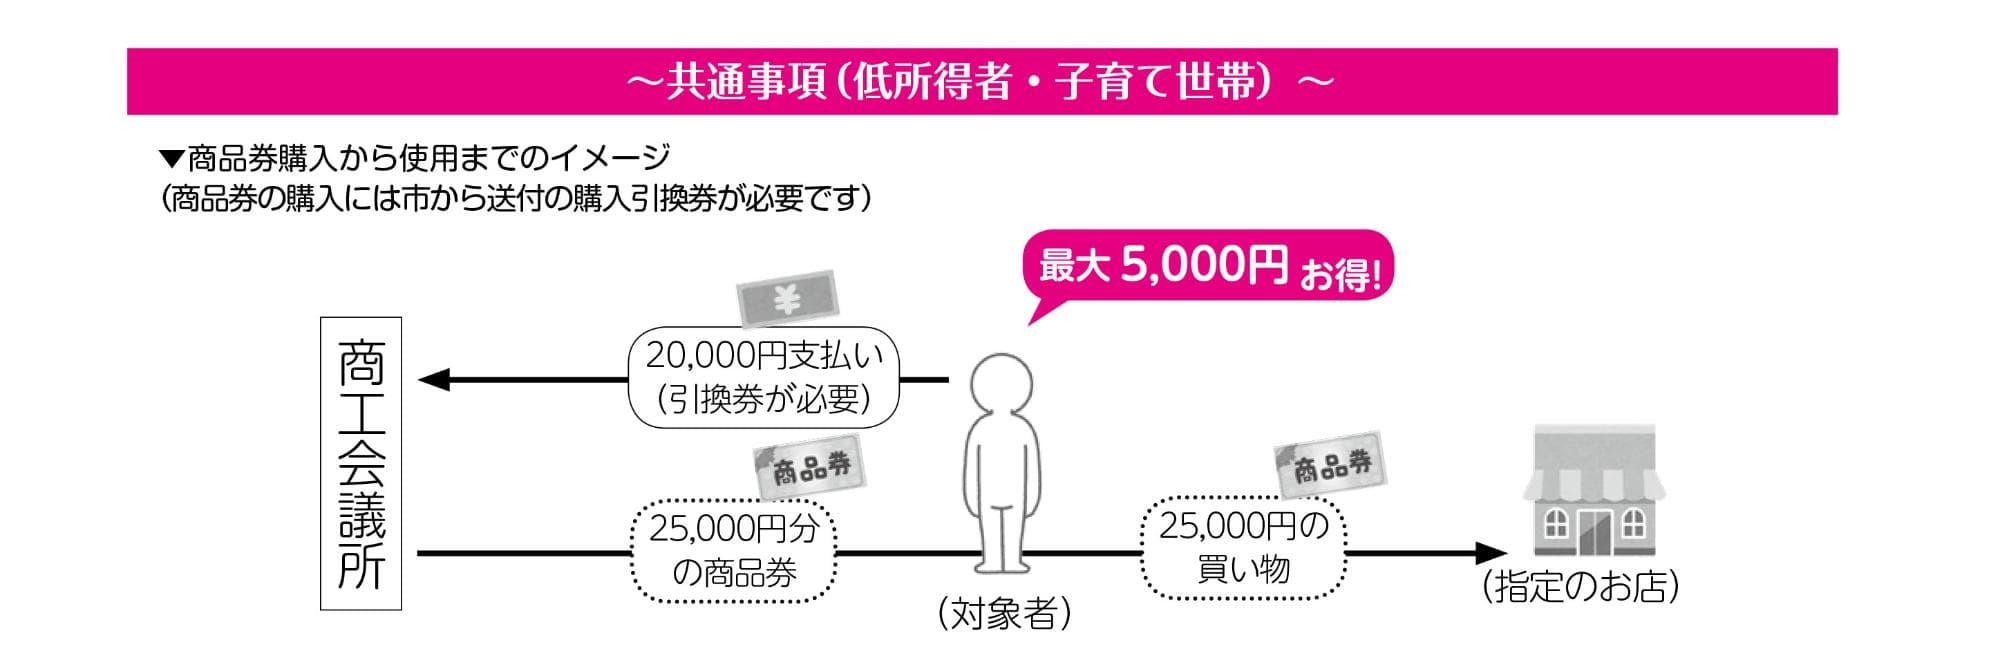 松原市プレミアム商品券(商品券購入から使用までのイメージ)